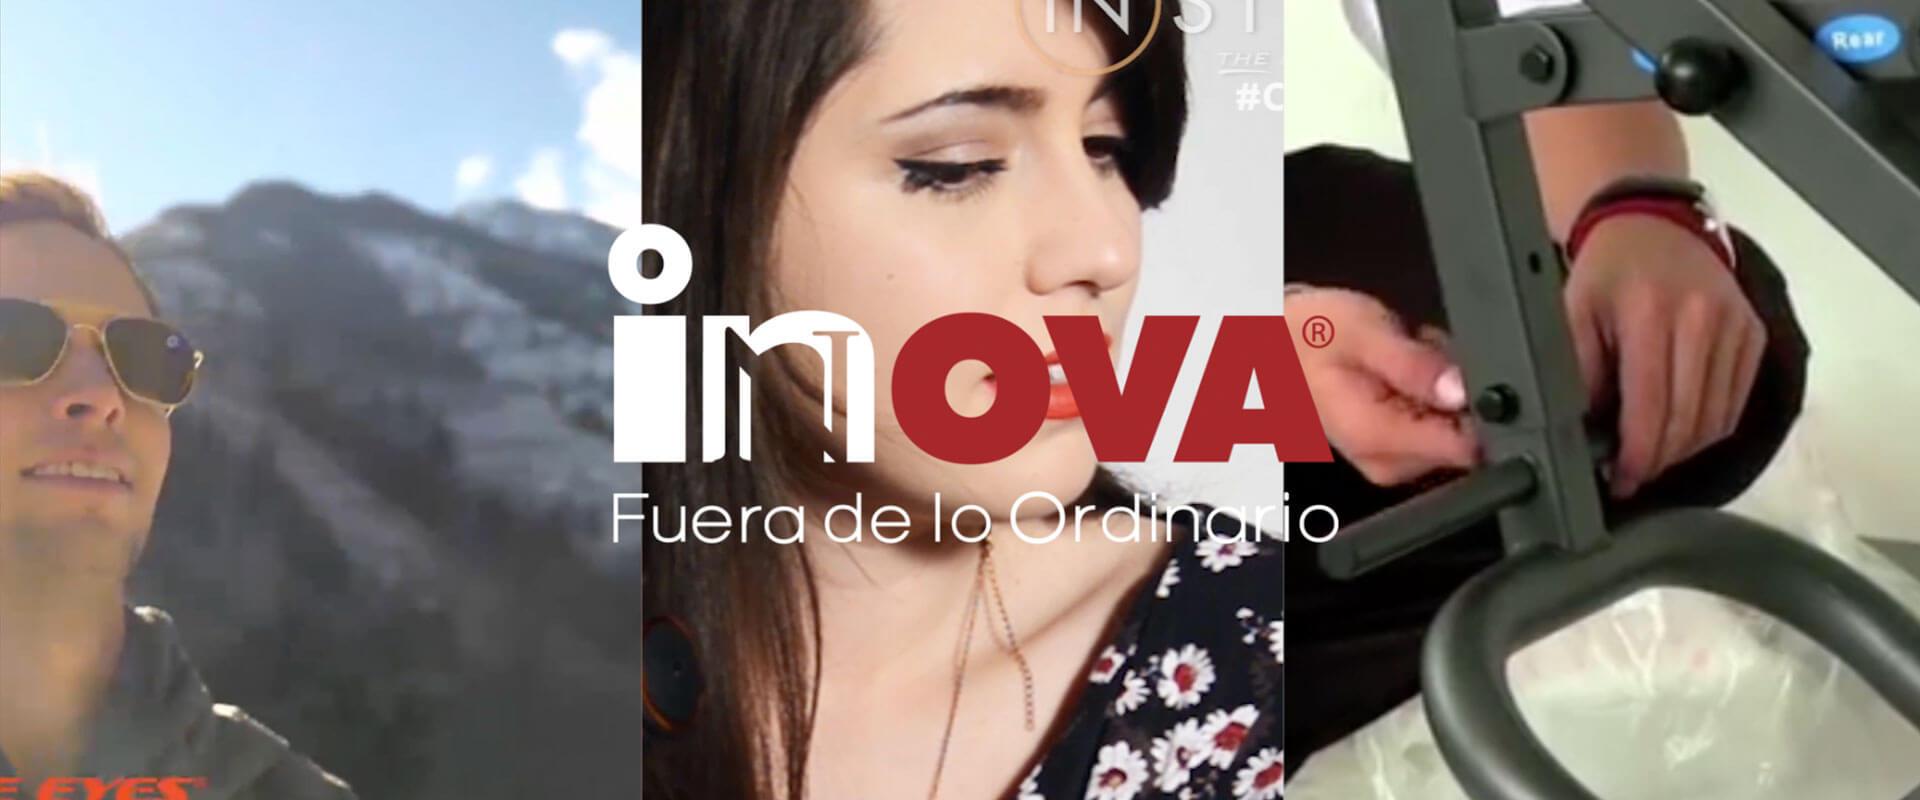 Foto de portada del canal de Youtube Inova.